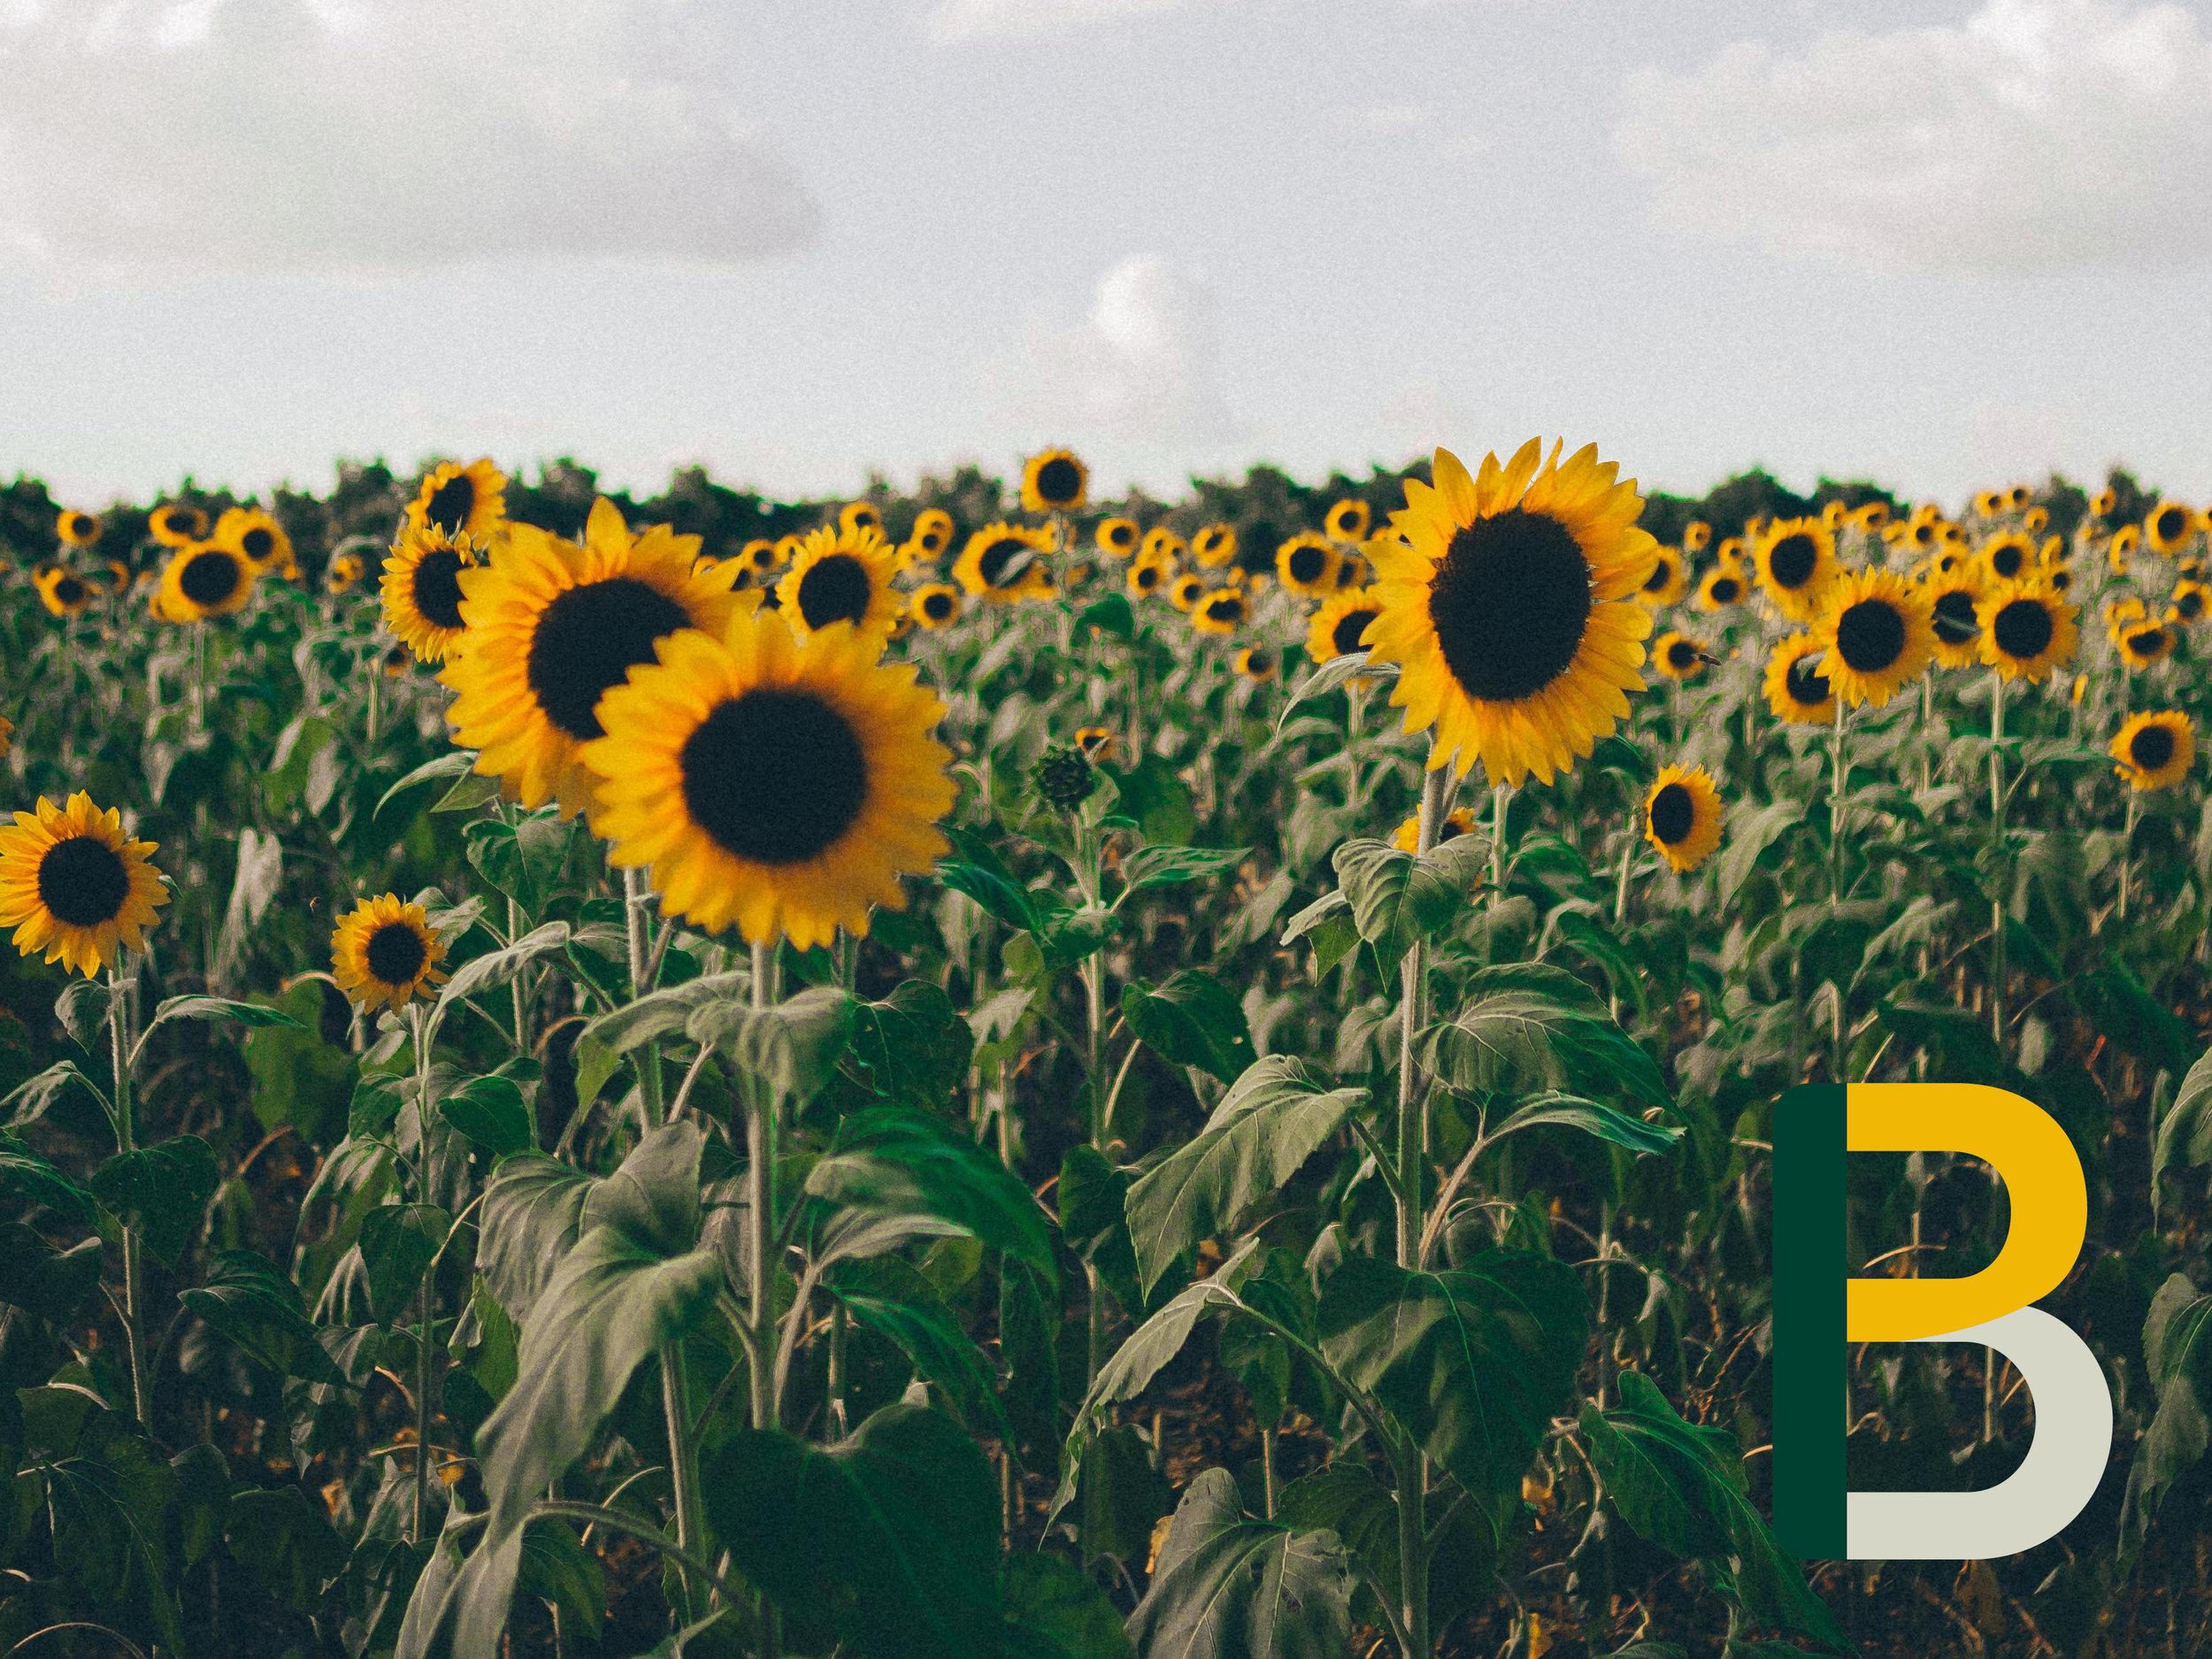 B biobrandstof zonnebloem.jpg